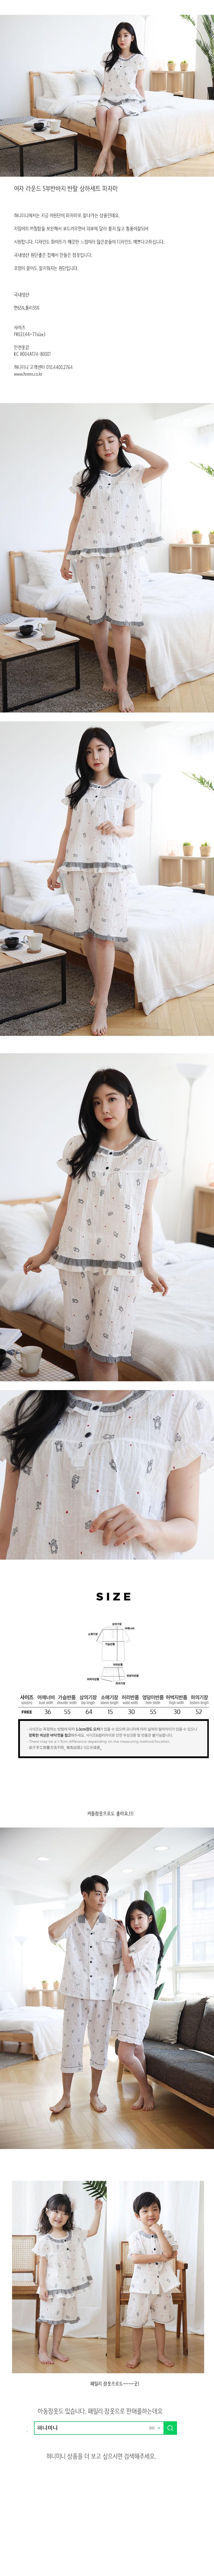 100555 남자여자 커플잠옷 반팔 여름잠옷 반바지파자마 - 혀니미니, 58,800원, 잠옷, 여성파자마